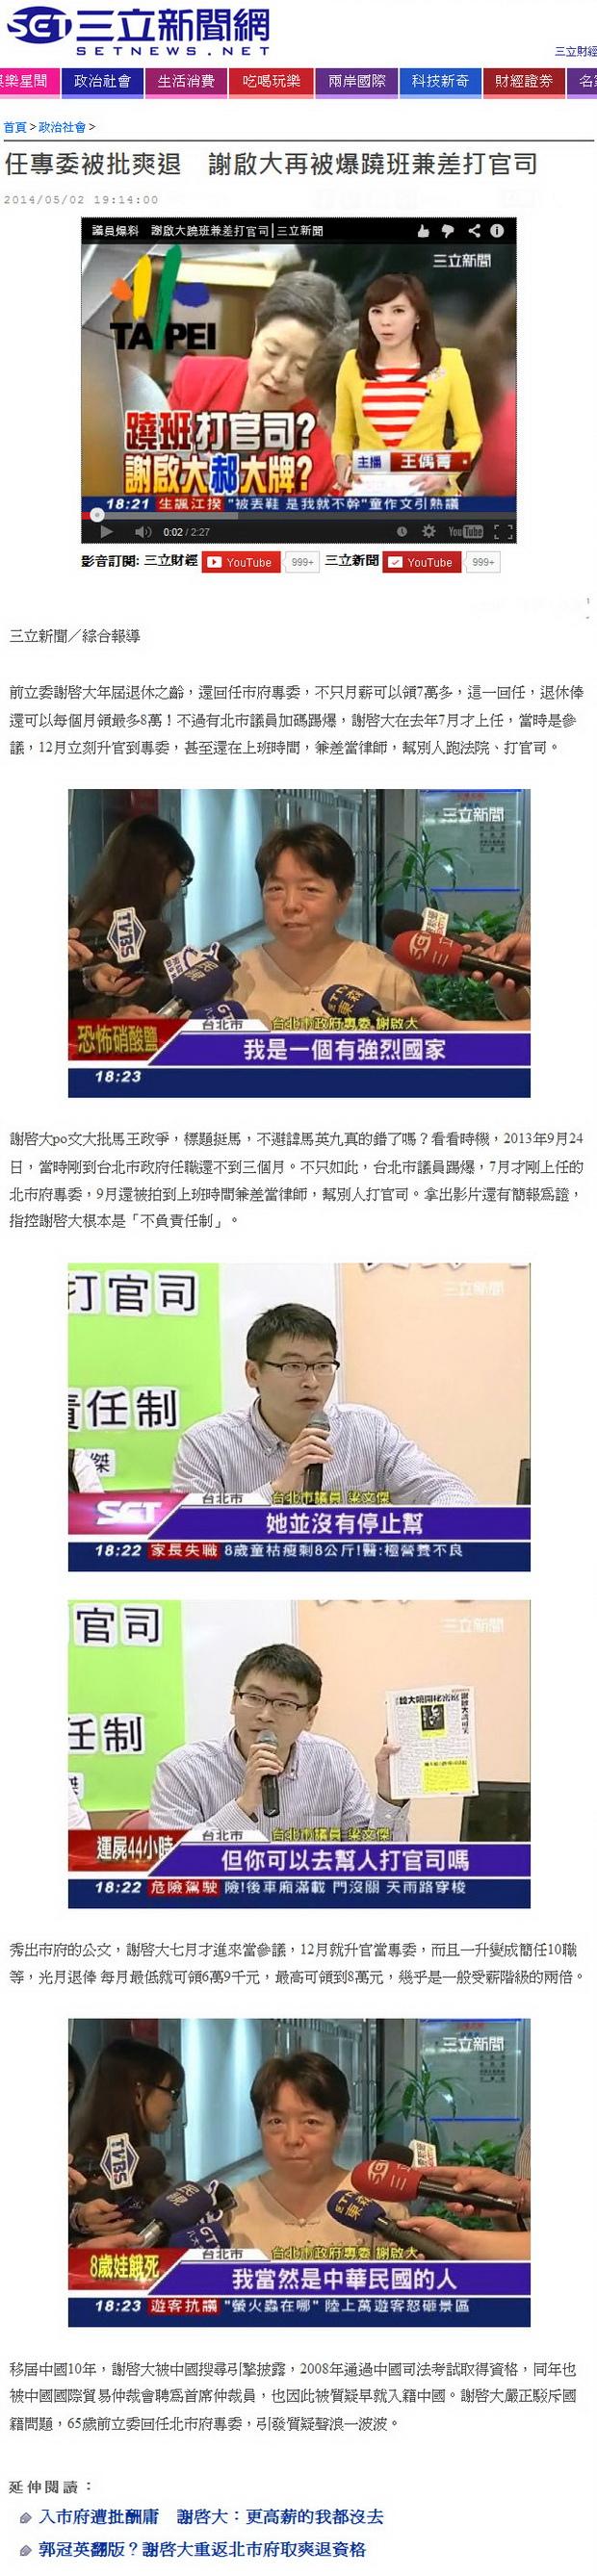 任專委被批爽退 謝啟大再被爆蹺班兼差打官司-2014.05.02.jpg